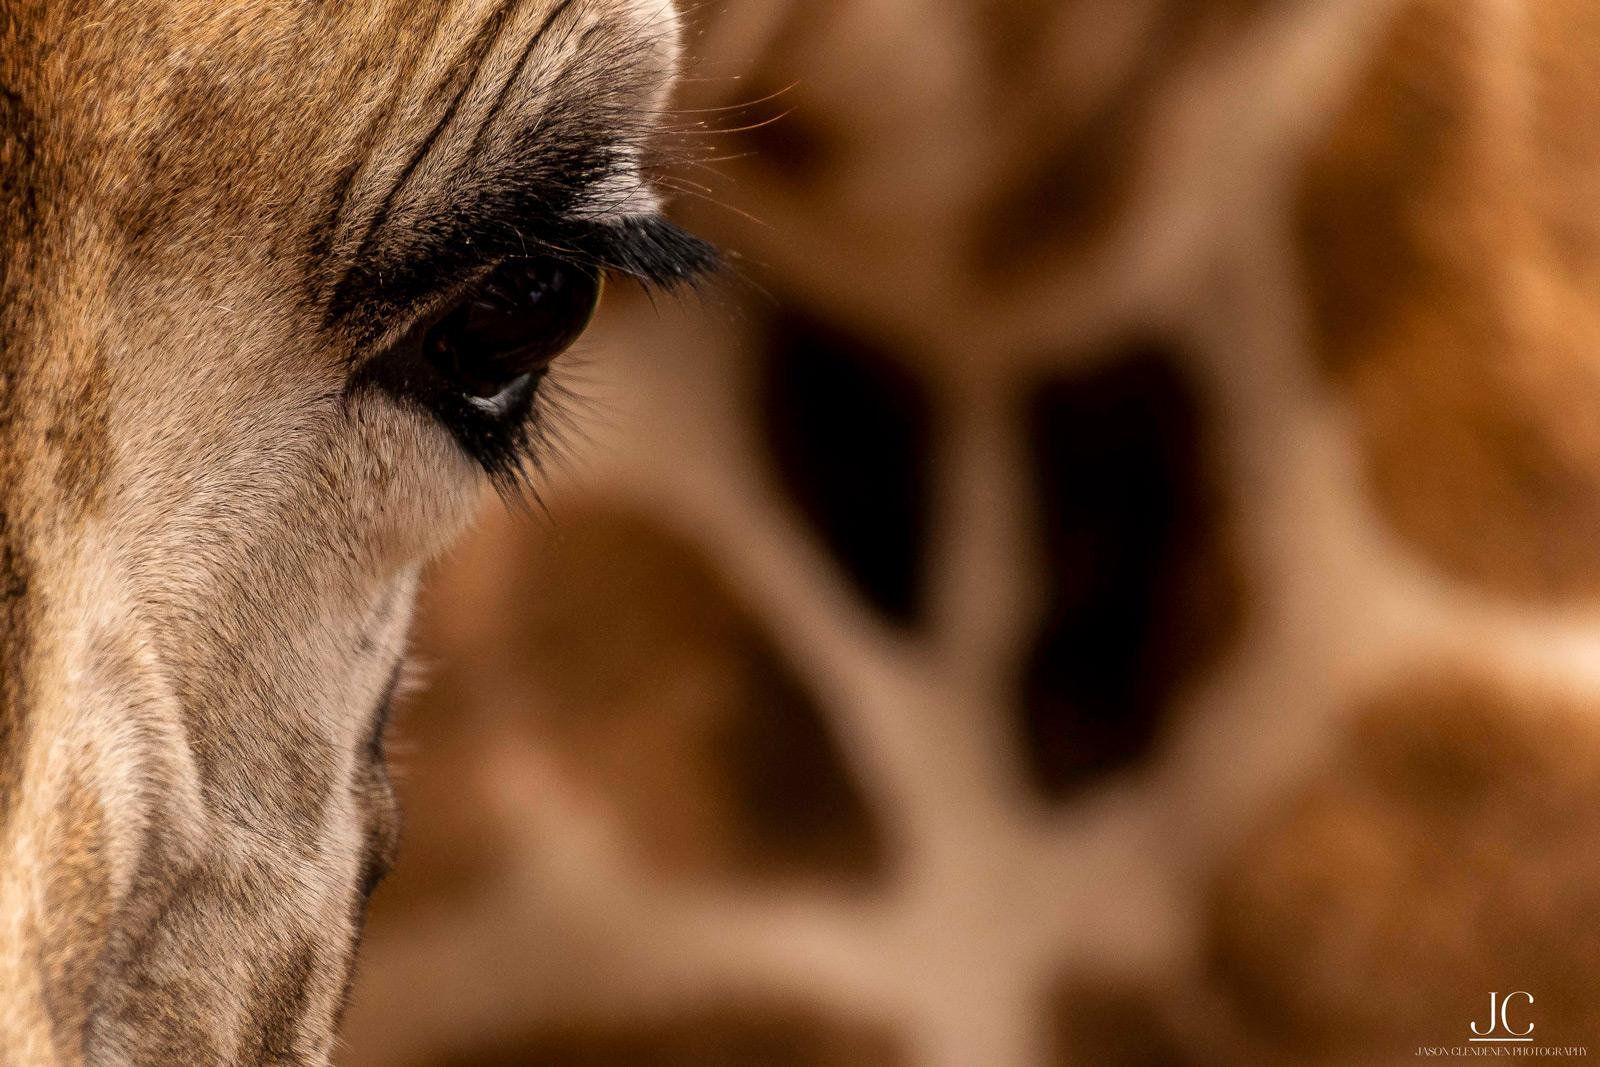 A giraffe close up. Maasai Mara National Reserve, Kenya © Jason Clendenen